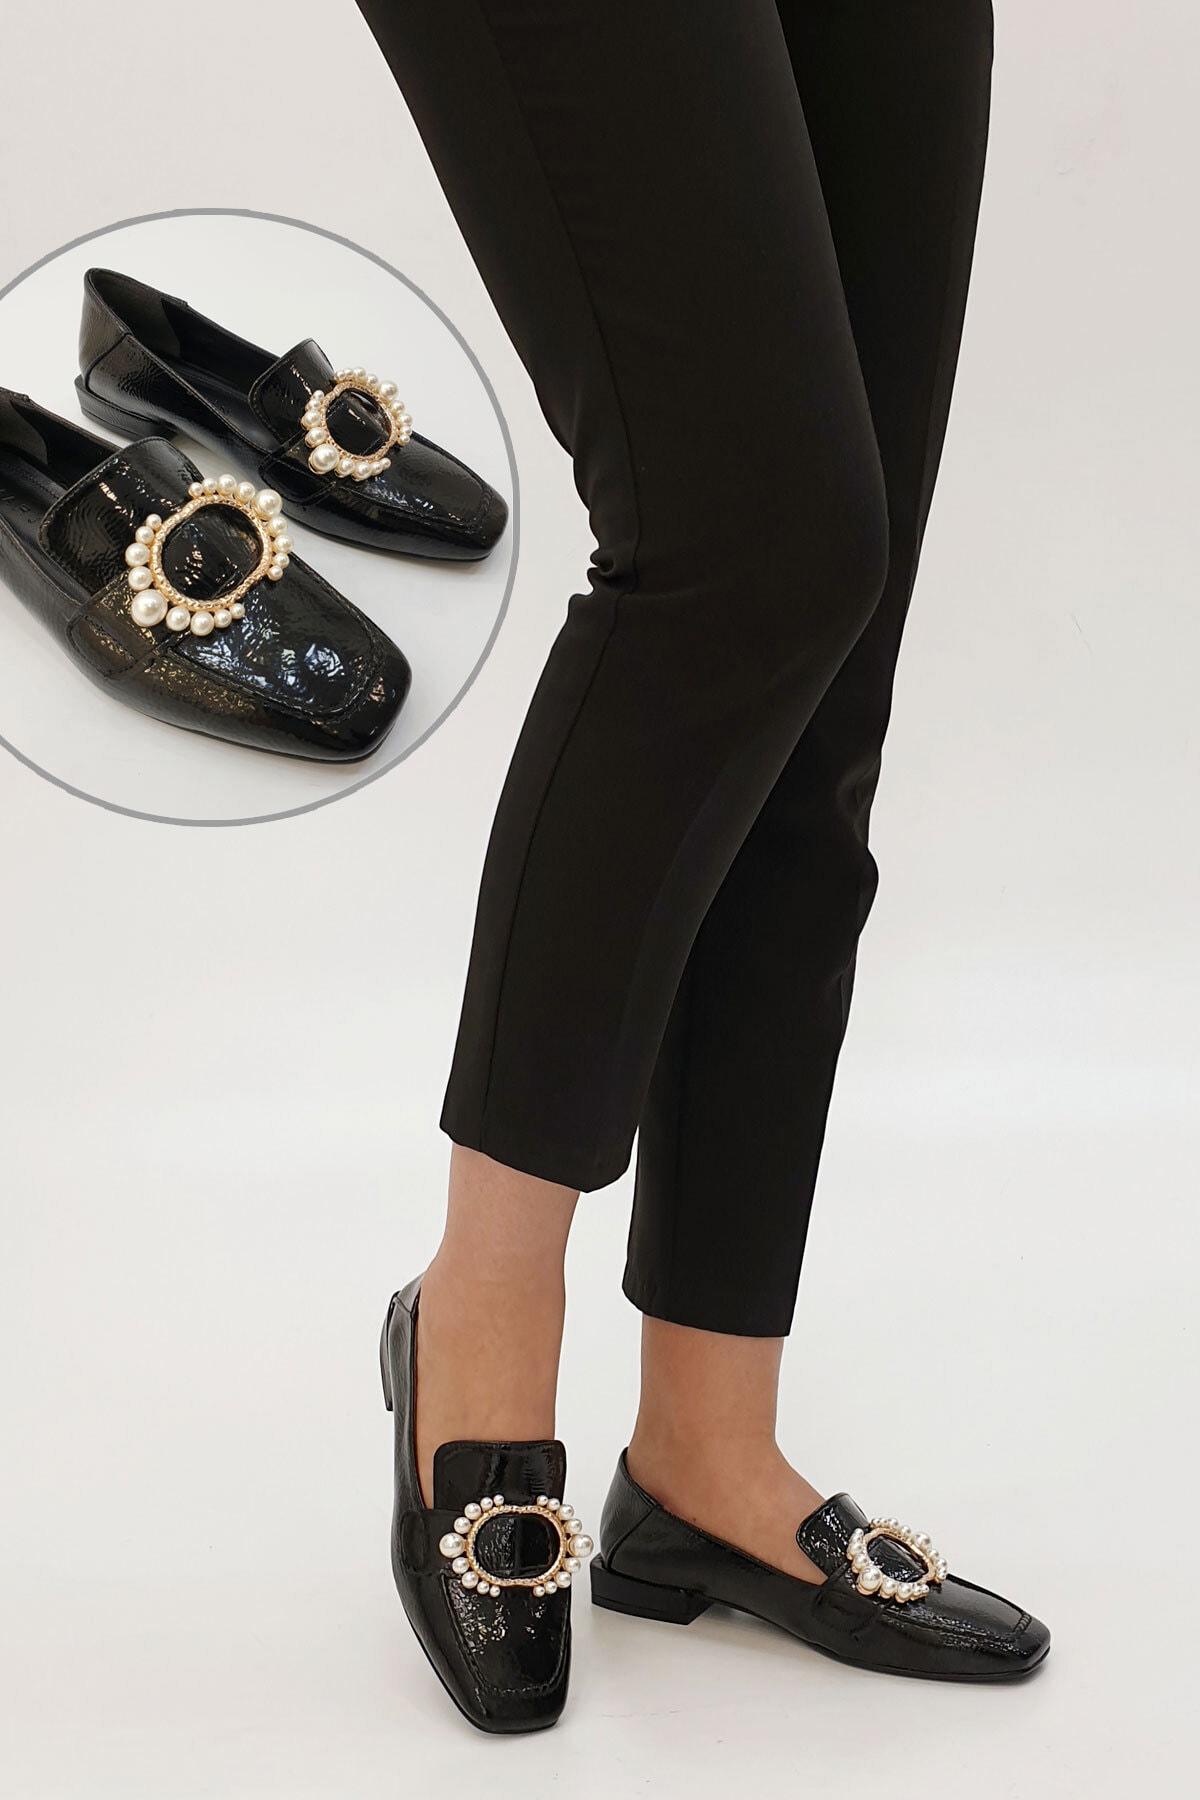 Marjin Siyah Rugan Siyah Rugan Rezva Klasik Ayakkabı Günlük Ayakkabı 20K00149006